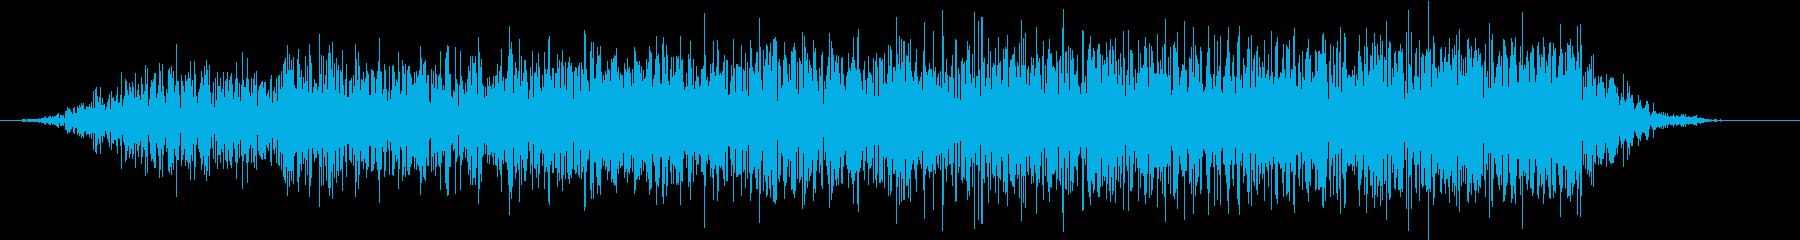 モンスター 悲鳴 42の再生済みの波形